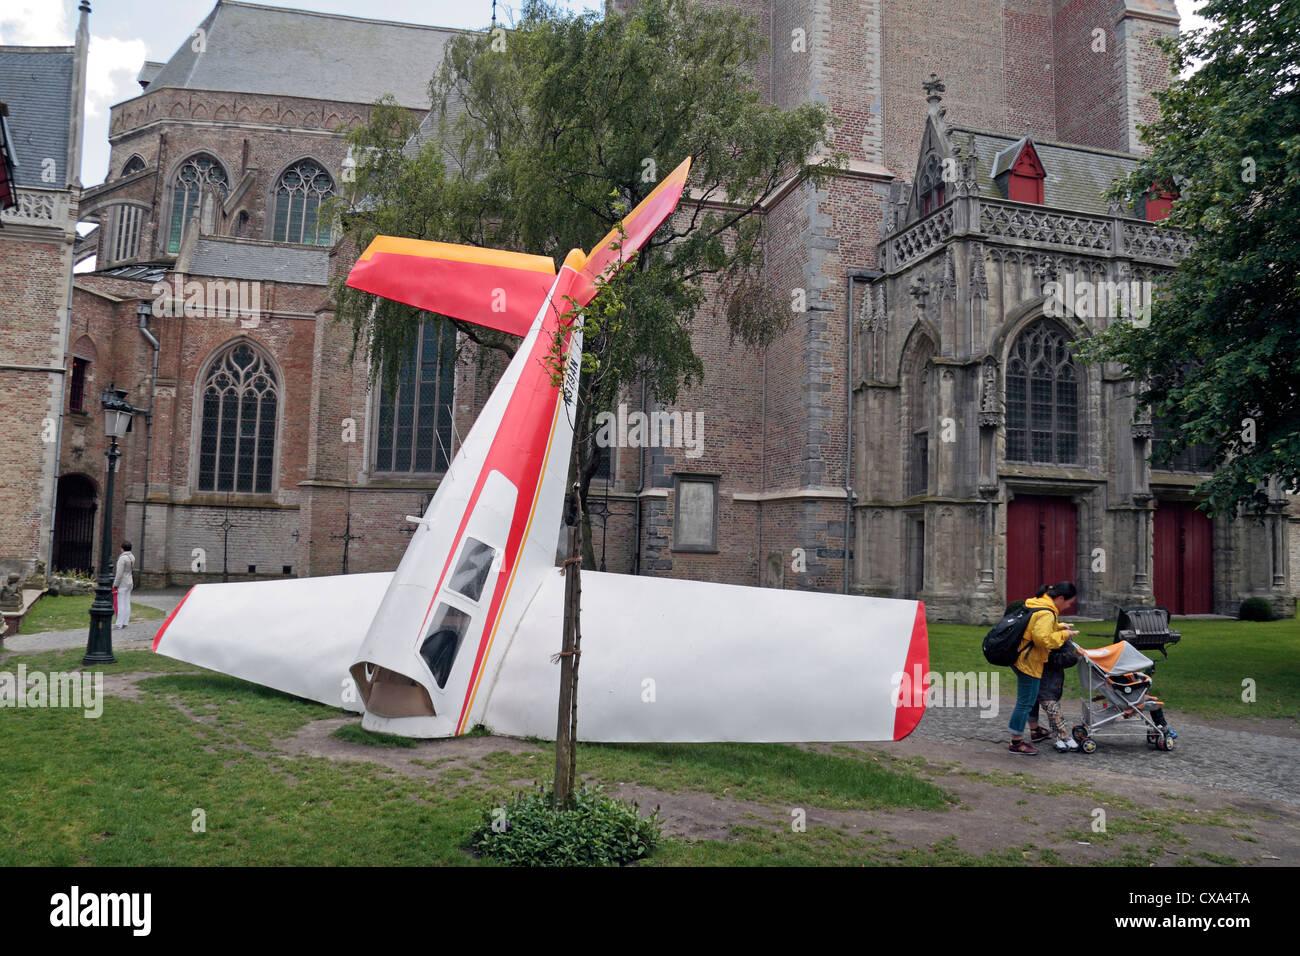 un-peu-bizarre-la-lumiere-de-l-oeuvre-d-un-ecrasement-d-avion-dans-le-centre-de-bruges-belgique-cxa4ta.jpg